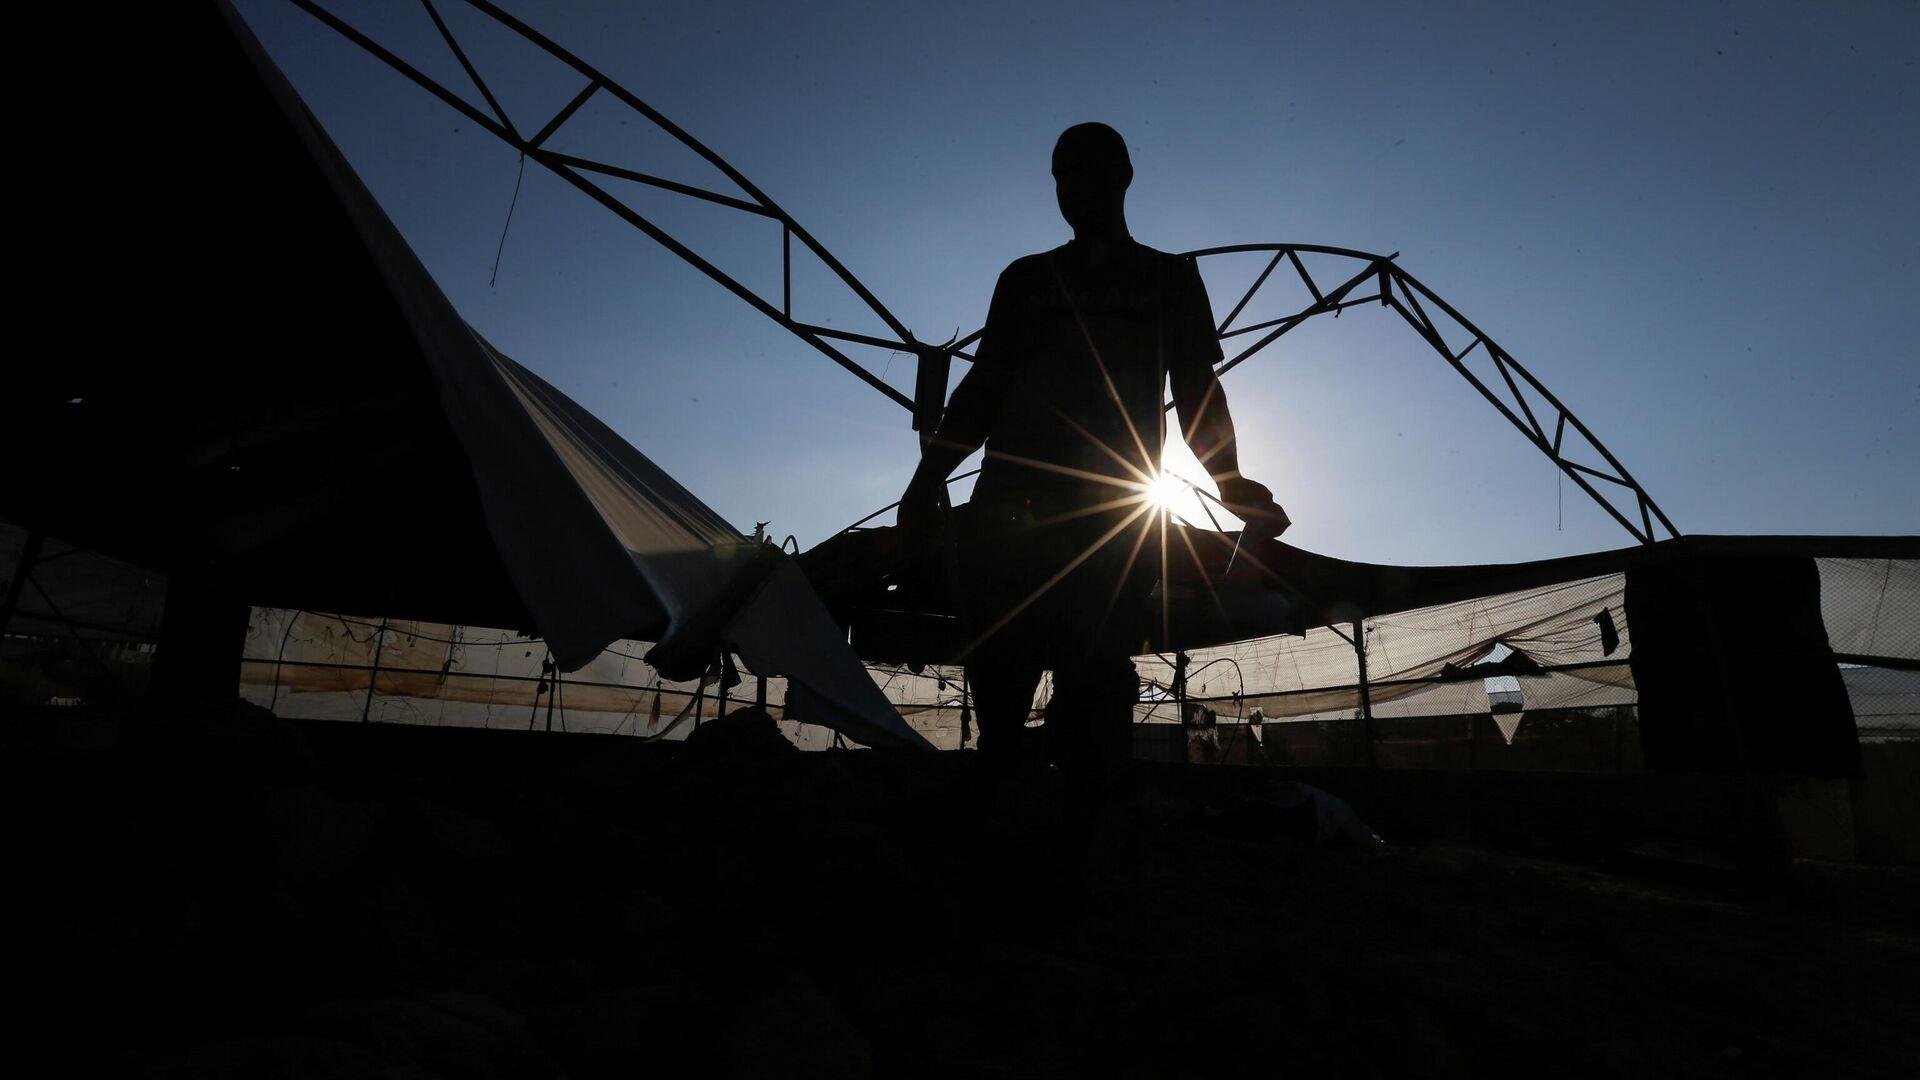 Un palestino inspecciona el lugar de un ataque aéreo israelí tras el lanzamiento de cohetes palestinos contra Israel, en el sur de la Franja de Gaza, el 12 de septiembre de 2021 - Sputnik Mundo, 1920, 12.09.2021